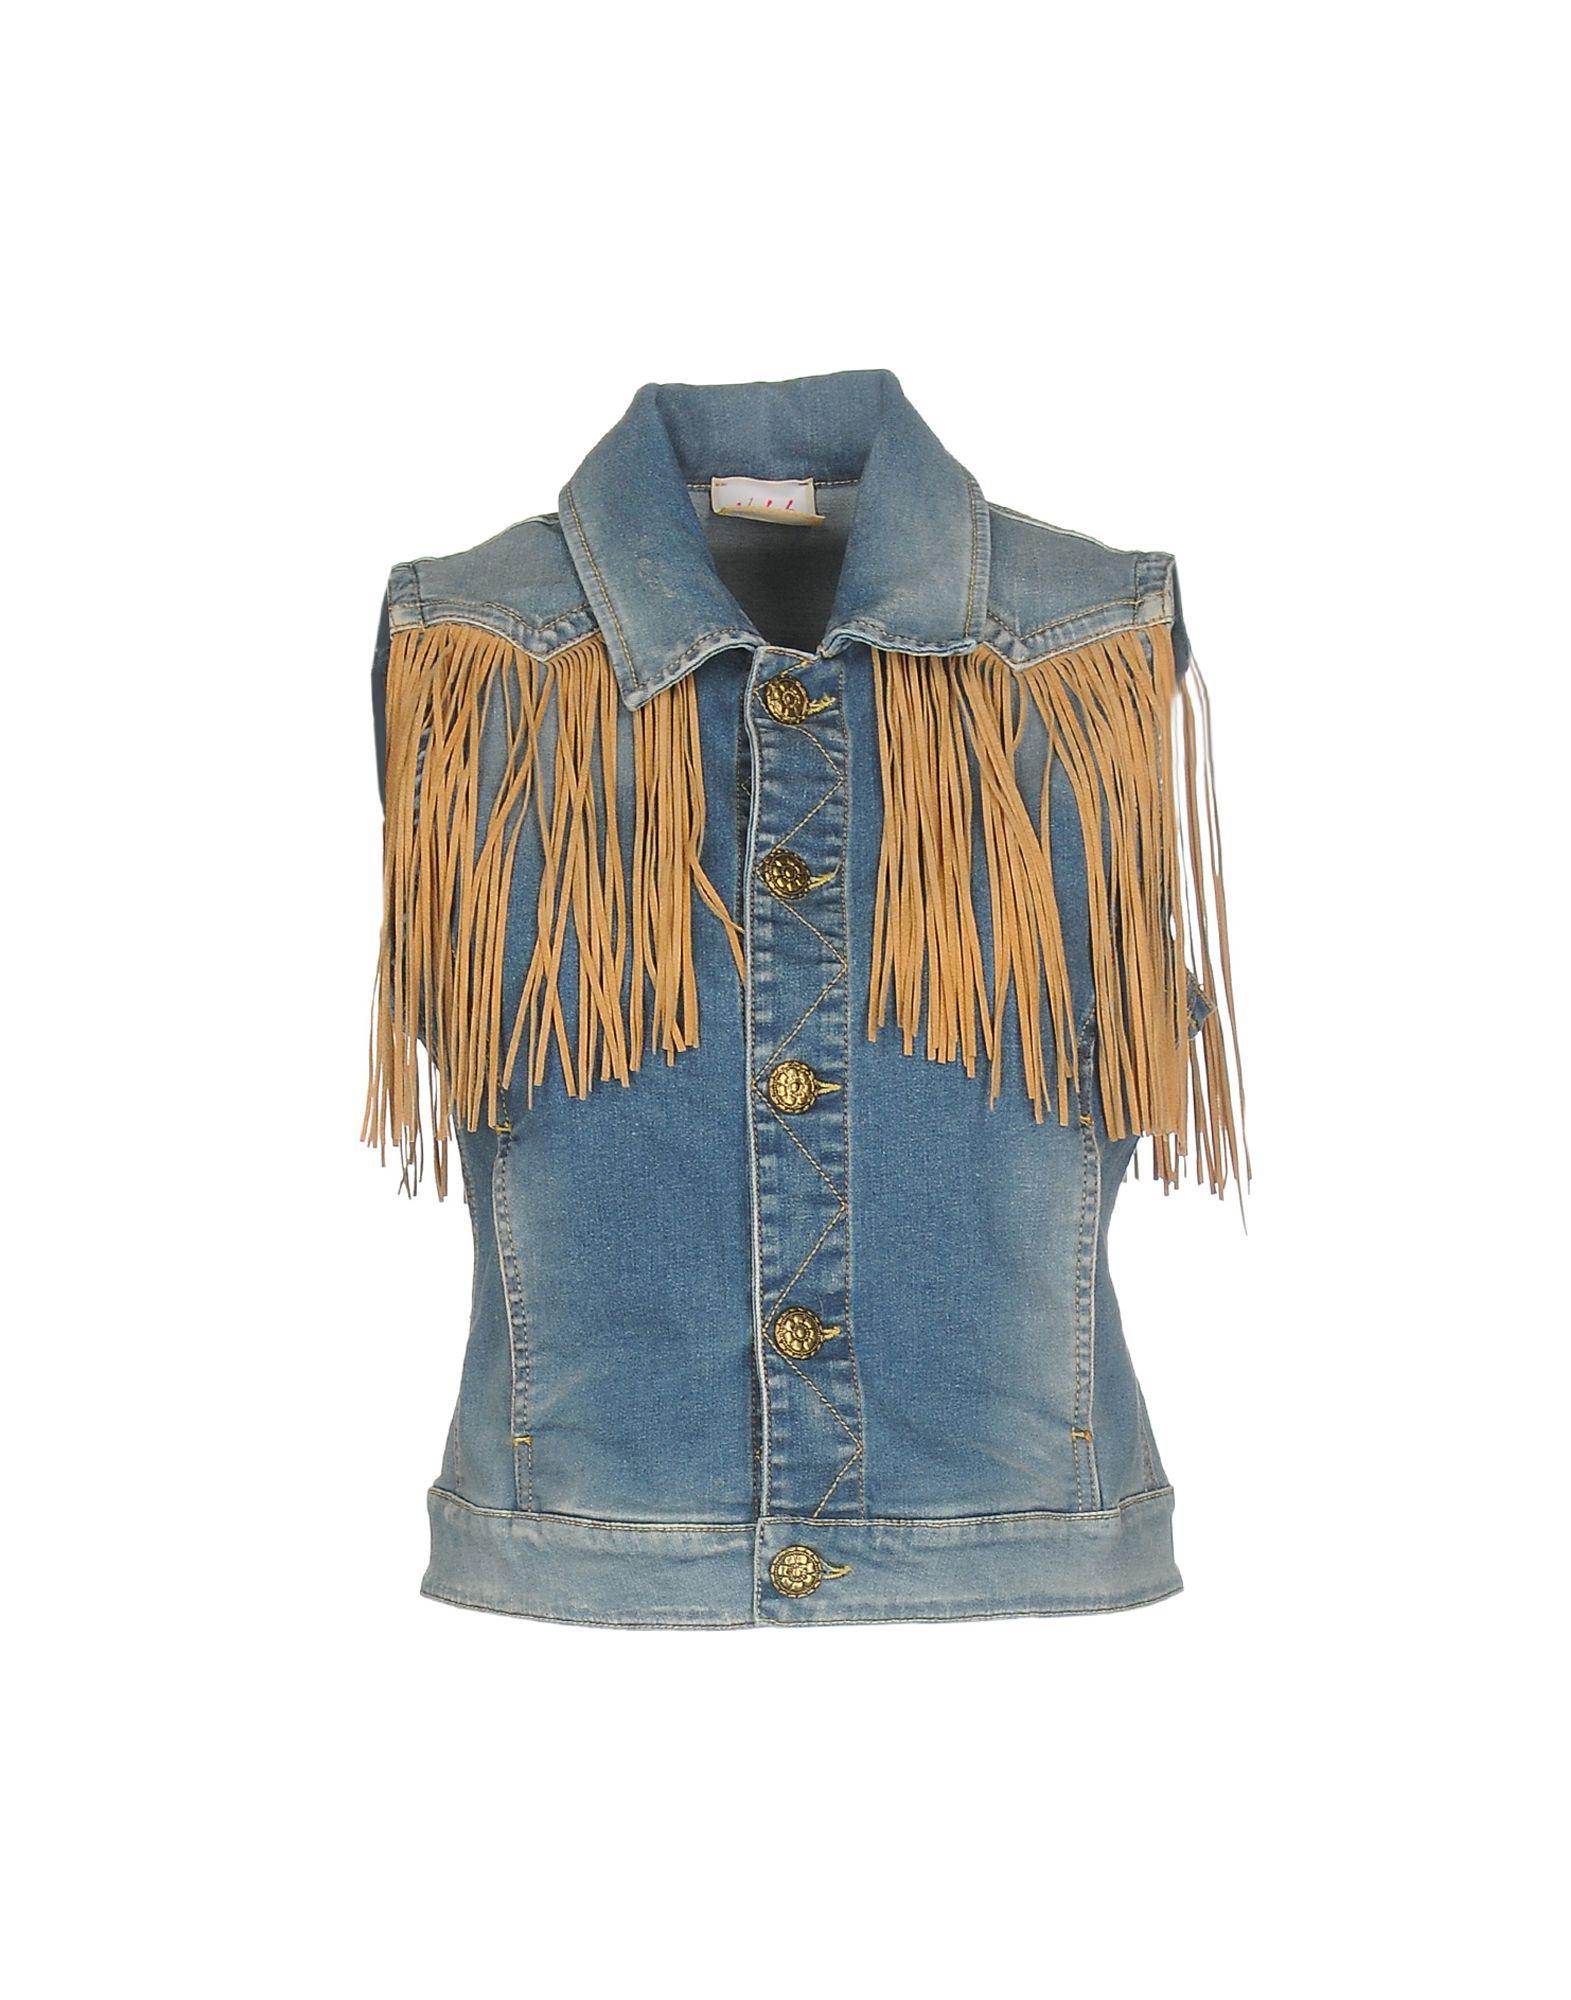 купить NOLITA Джинсовая верхняя одежда по цене 15000 рублей